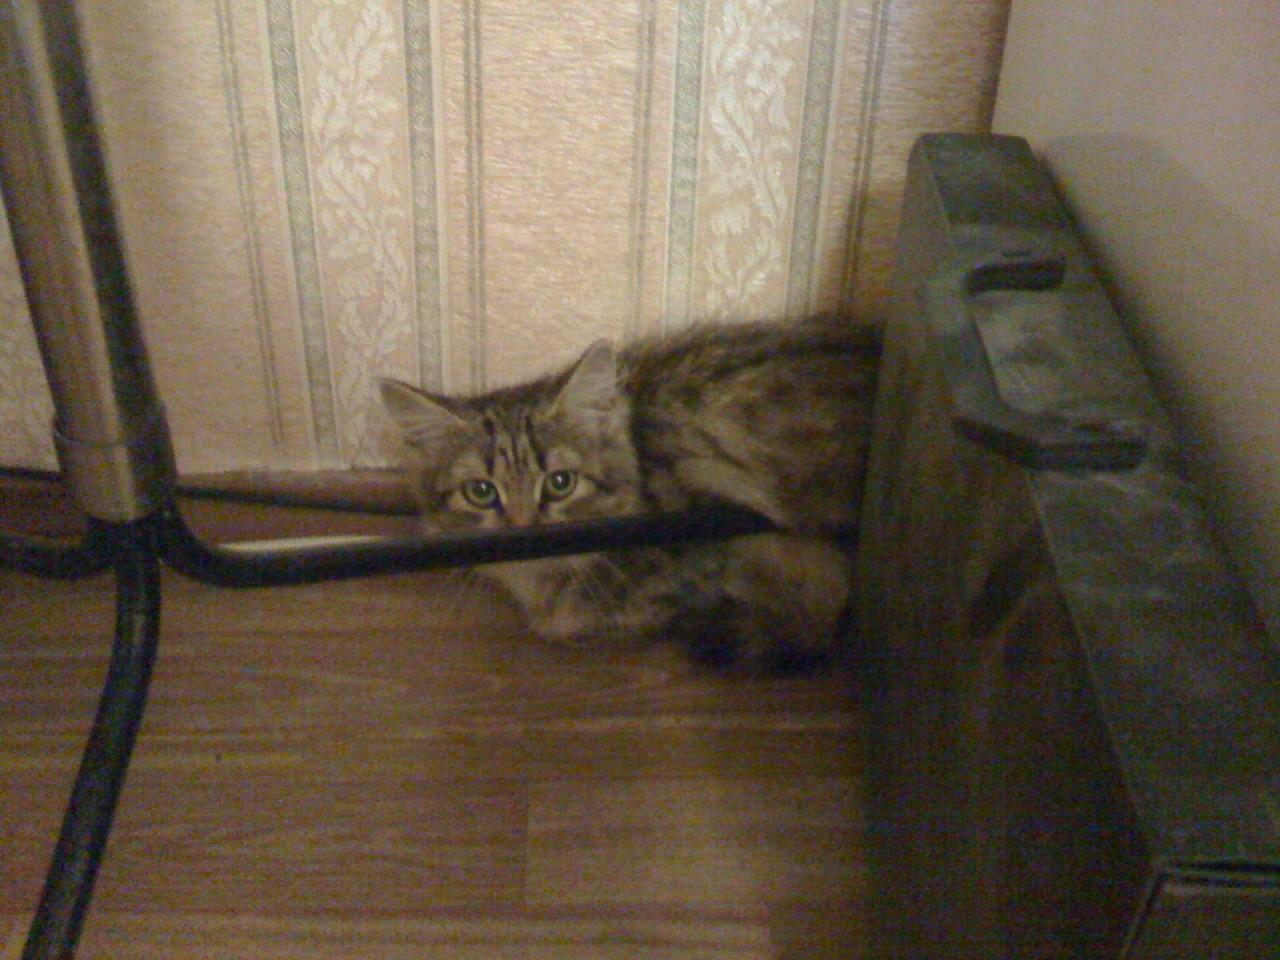 Привел его(её) в дом коты, кошка